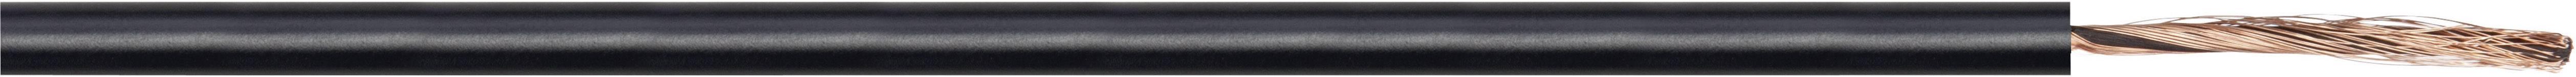 Kytarový kabel LappKabel 49900231, 1 x 0.22 mm², černá, metrové zboží